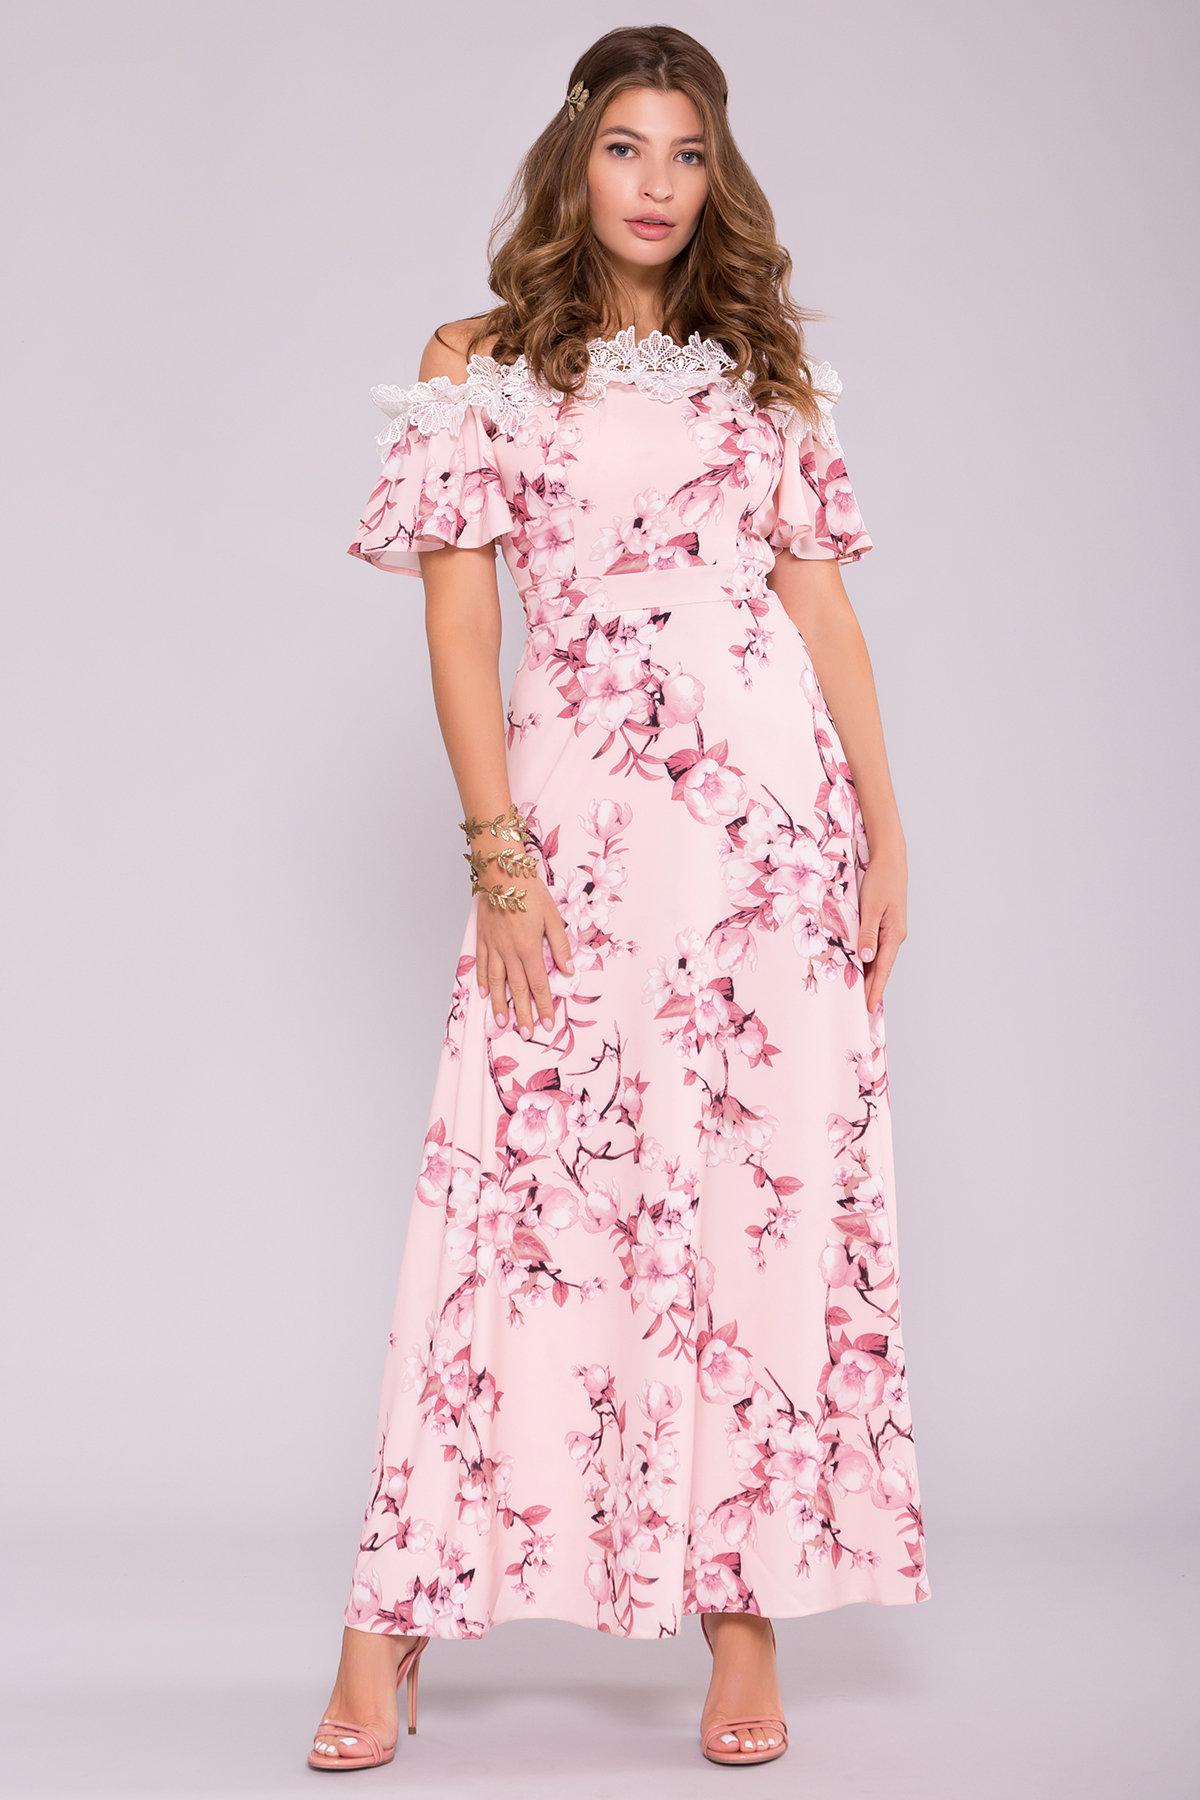 Платье Монриа 7056 АРТ. 42351 Цвет: Цветы на ветке пудра темная - фото 4, интернет магазин tm-modus.ru